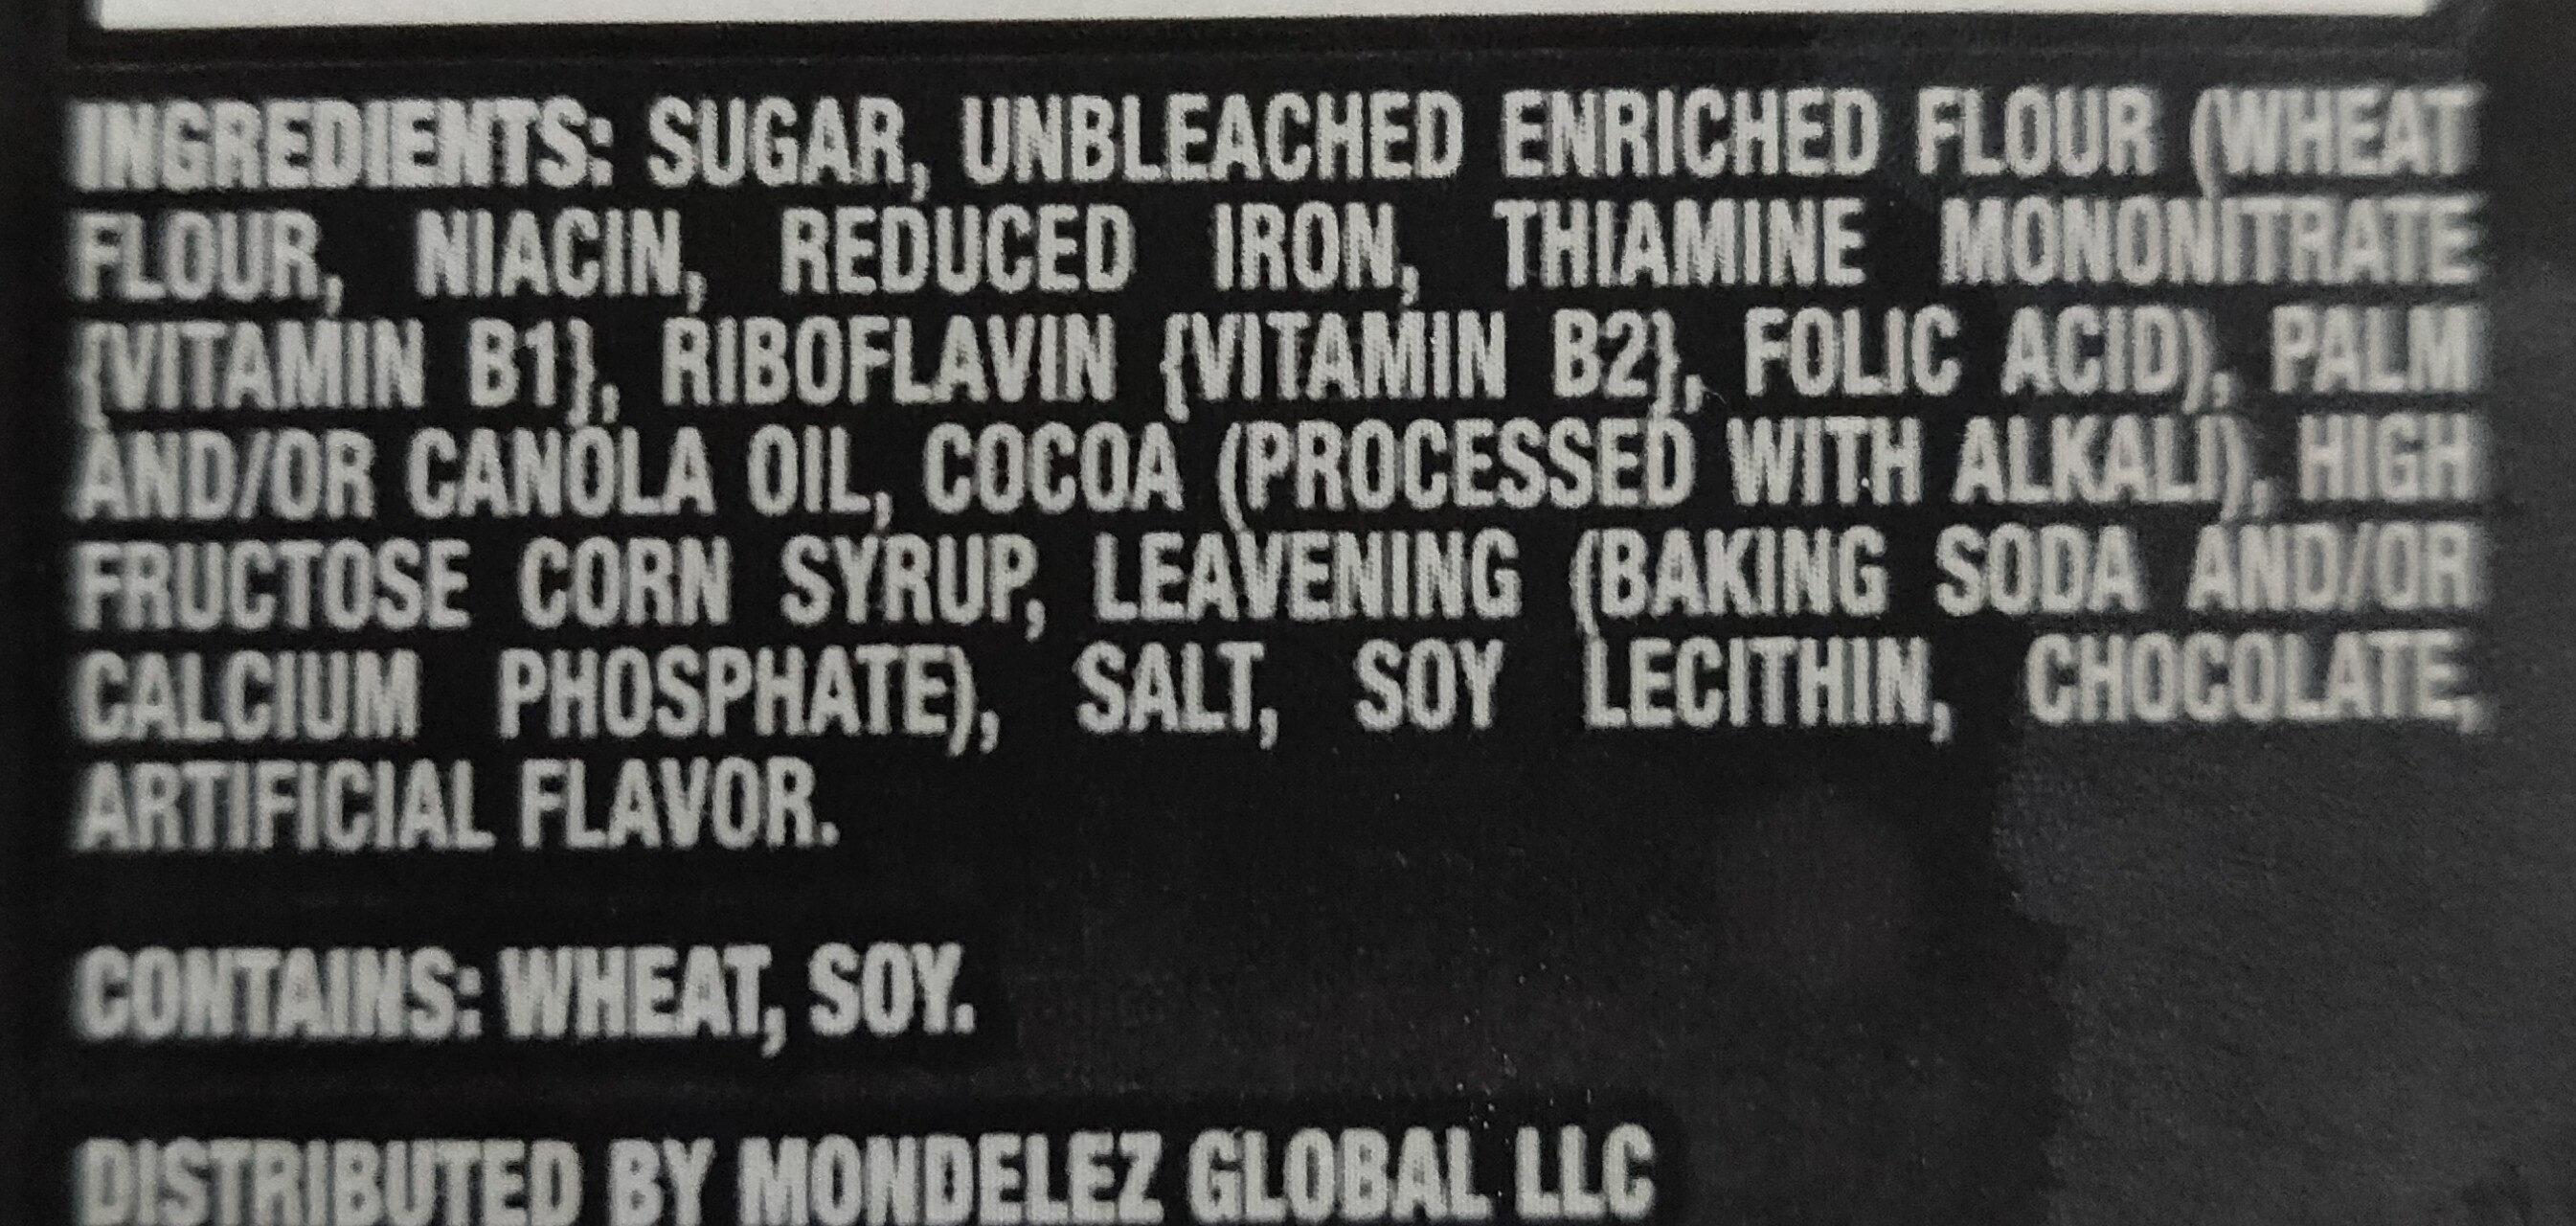 Chocolate sandwich cookies, chocolate - Ingredients - en